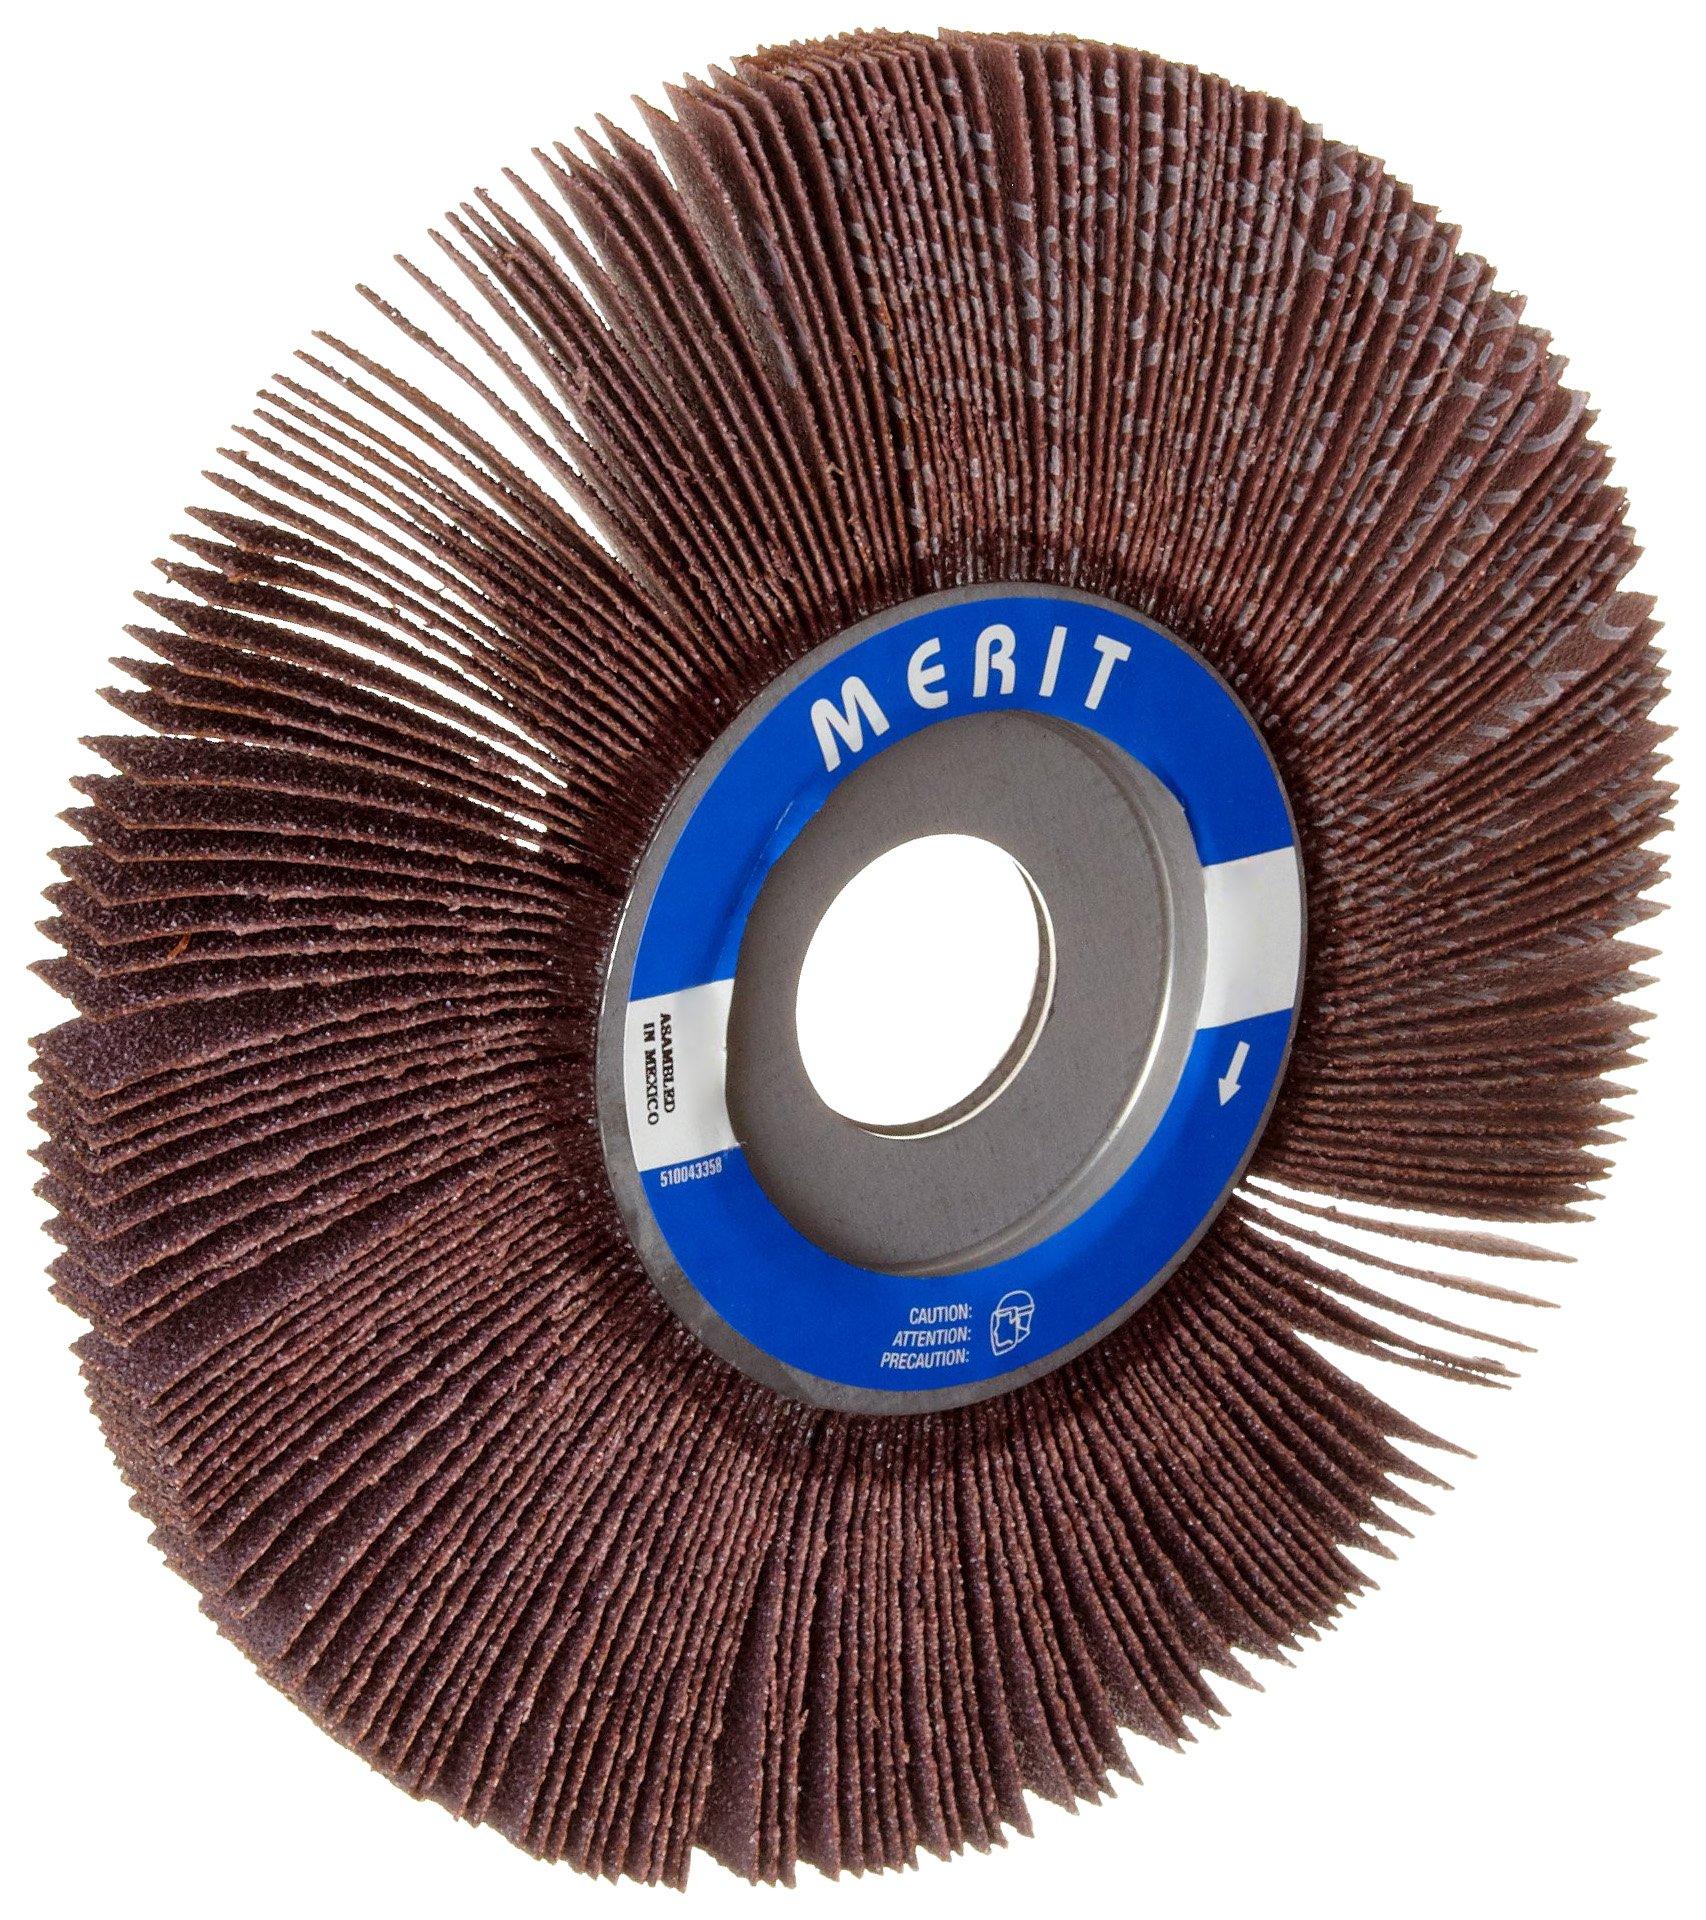 Merit Economy Abrasive Flap Wheel, 1'' Arbor, Round Hole, Ceramic Aluminum Oxide, 6'' Dia., 1'' Face Width, Grit 80, 6000 Max RPM (Pack of 5)